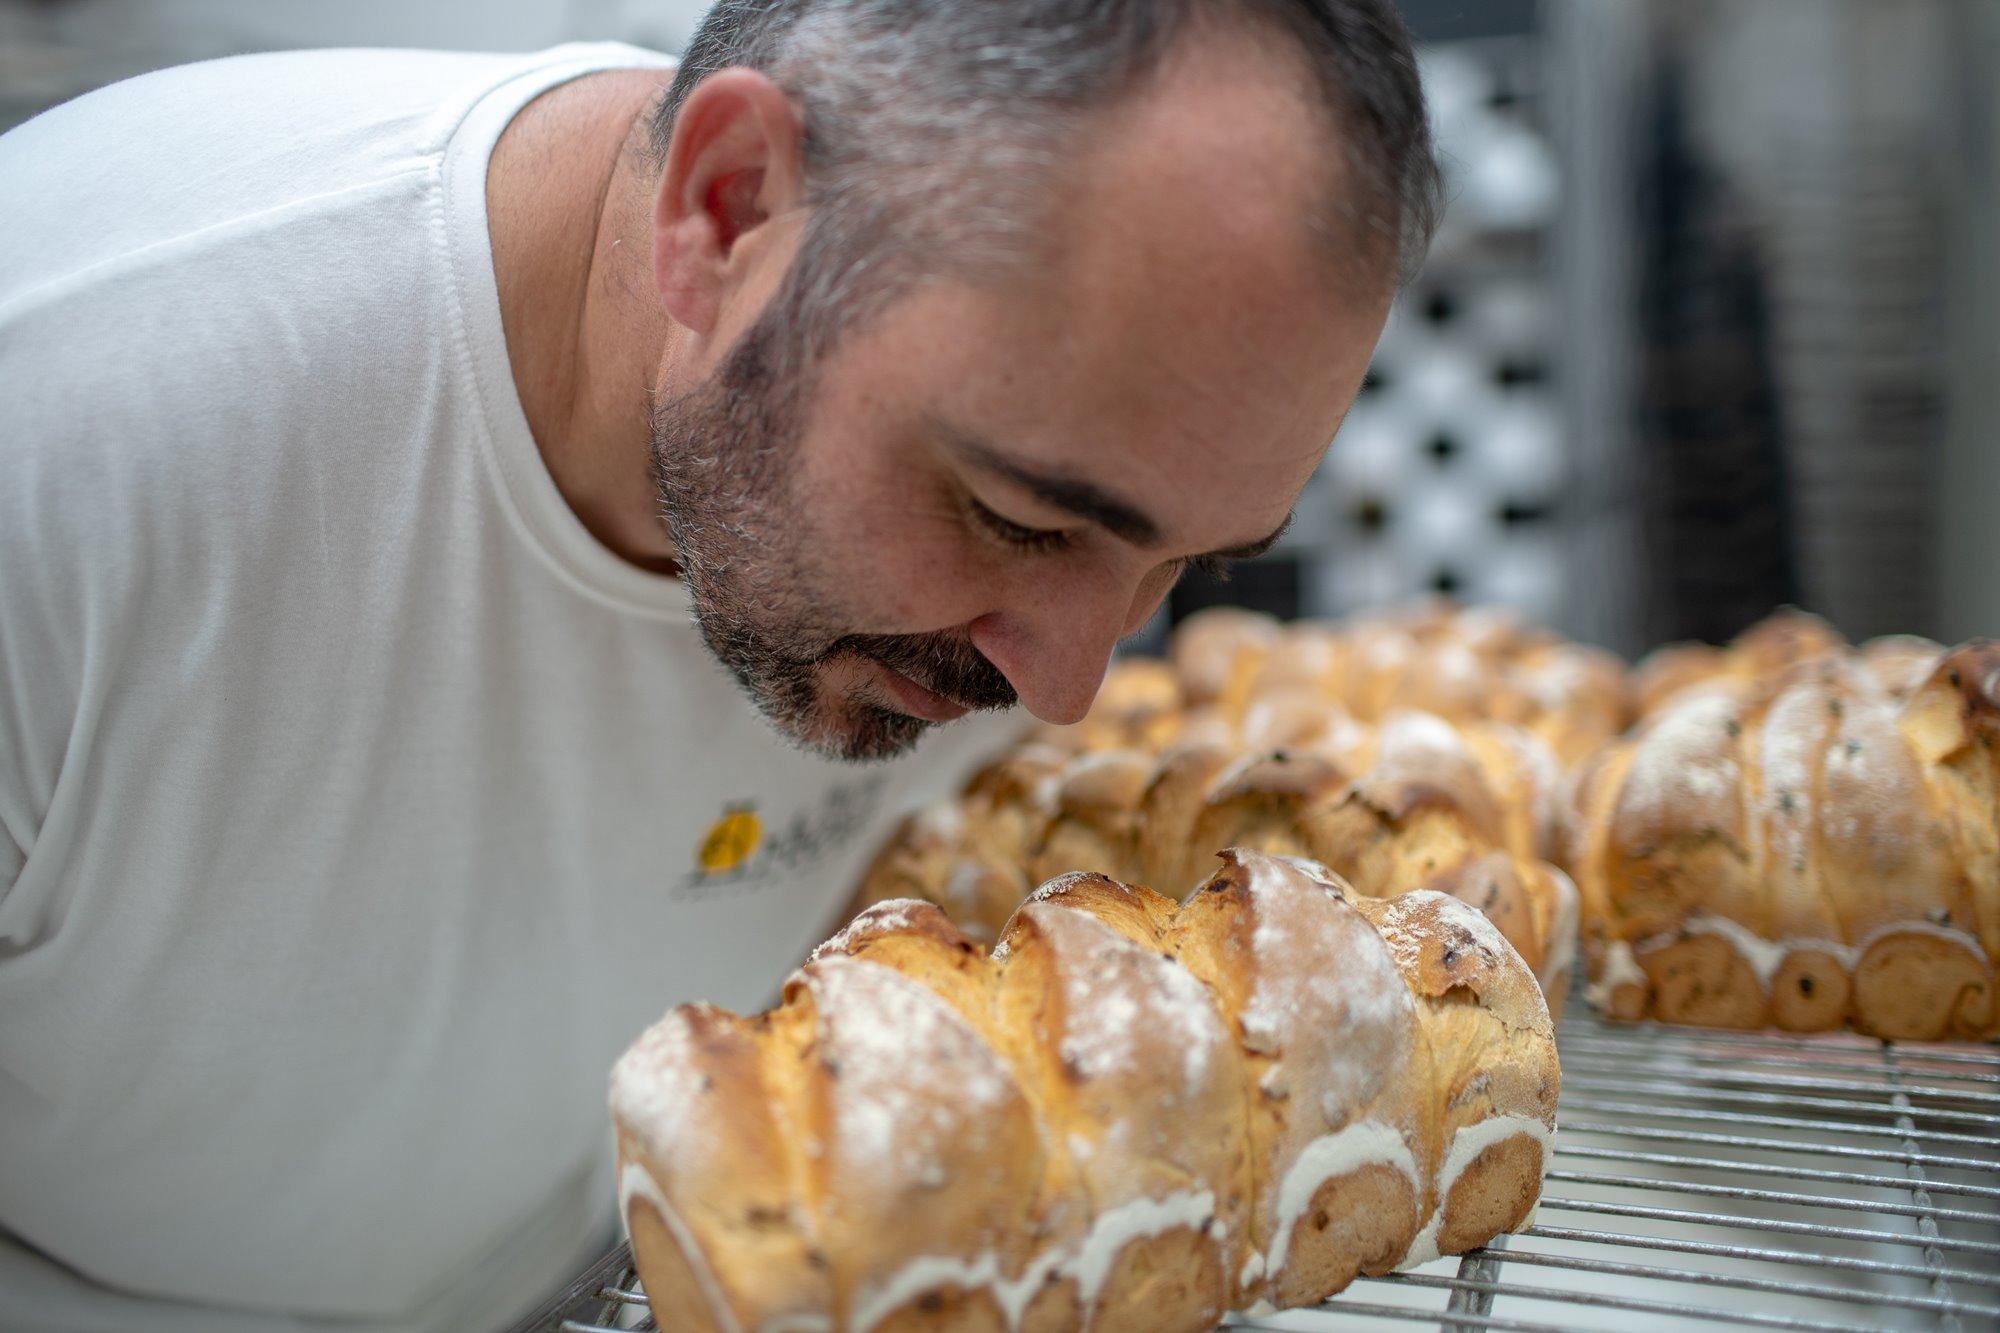 Paco huele el pan recién hecho de una de las dos remesas que se elaboran cada día.